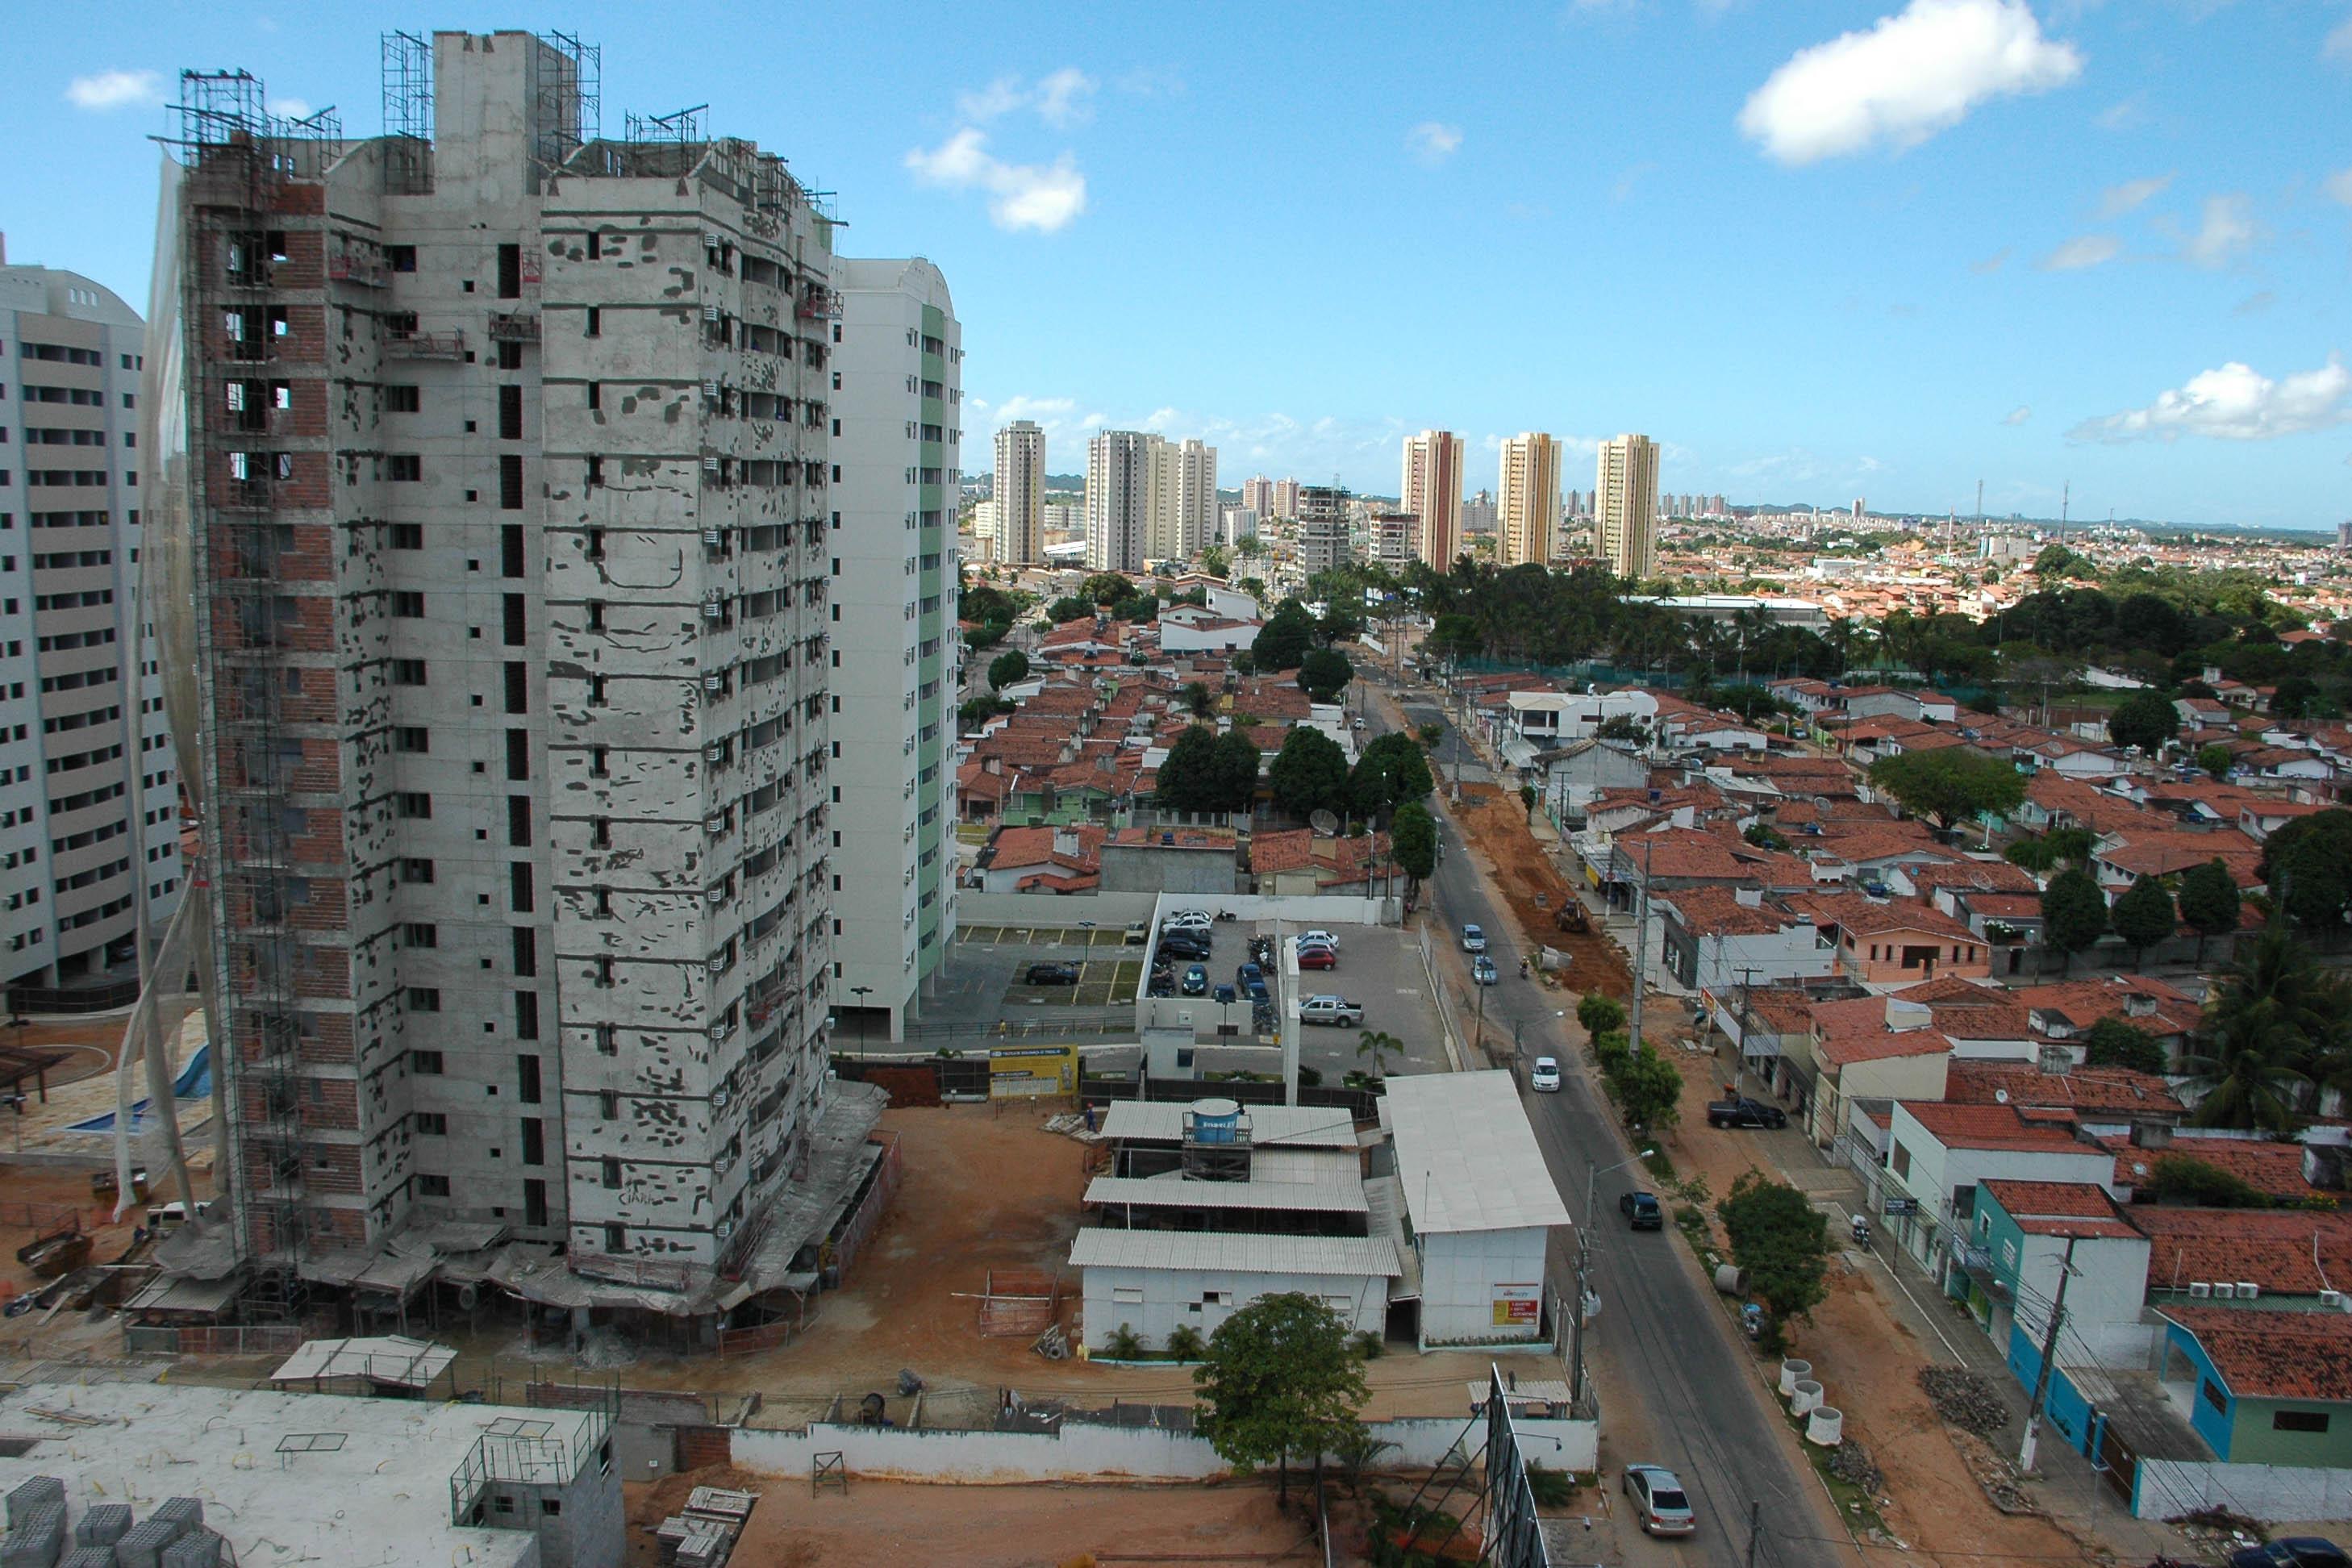 Parnamirim Rio Grande do Norte fonte: arquivos.tribunadonorte.com.br